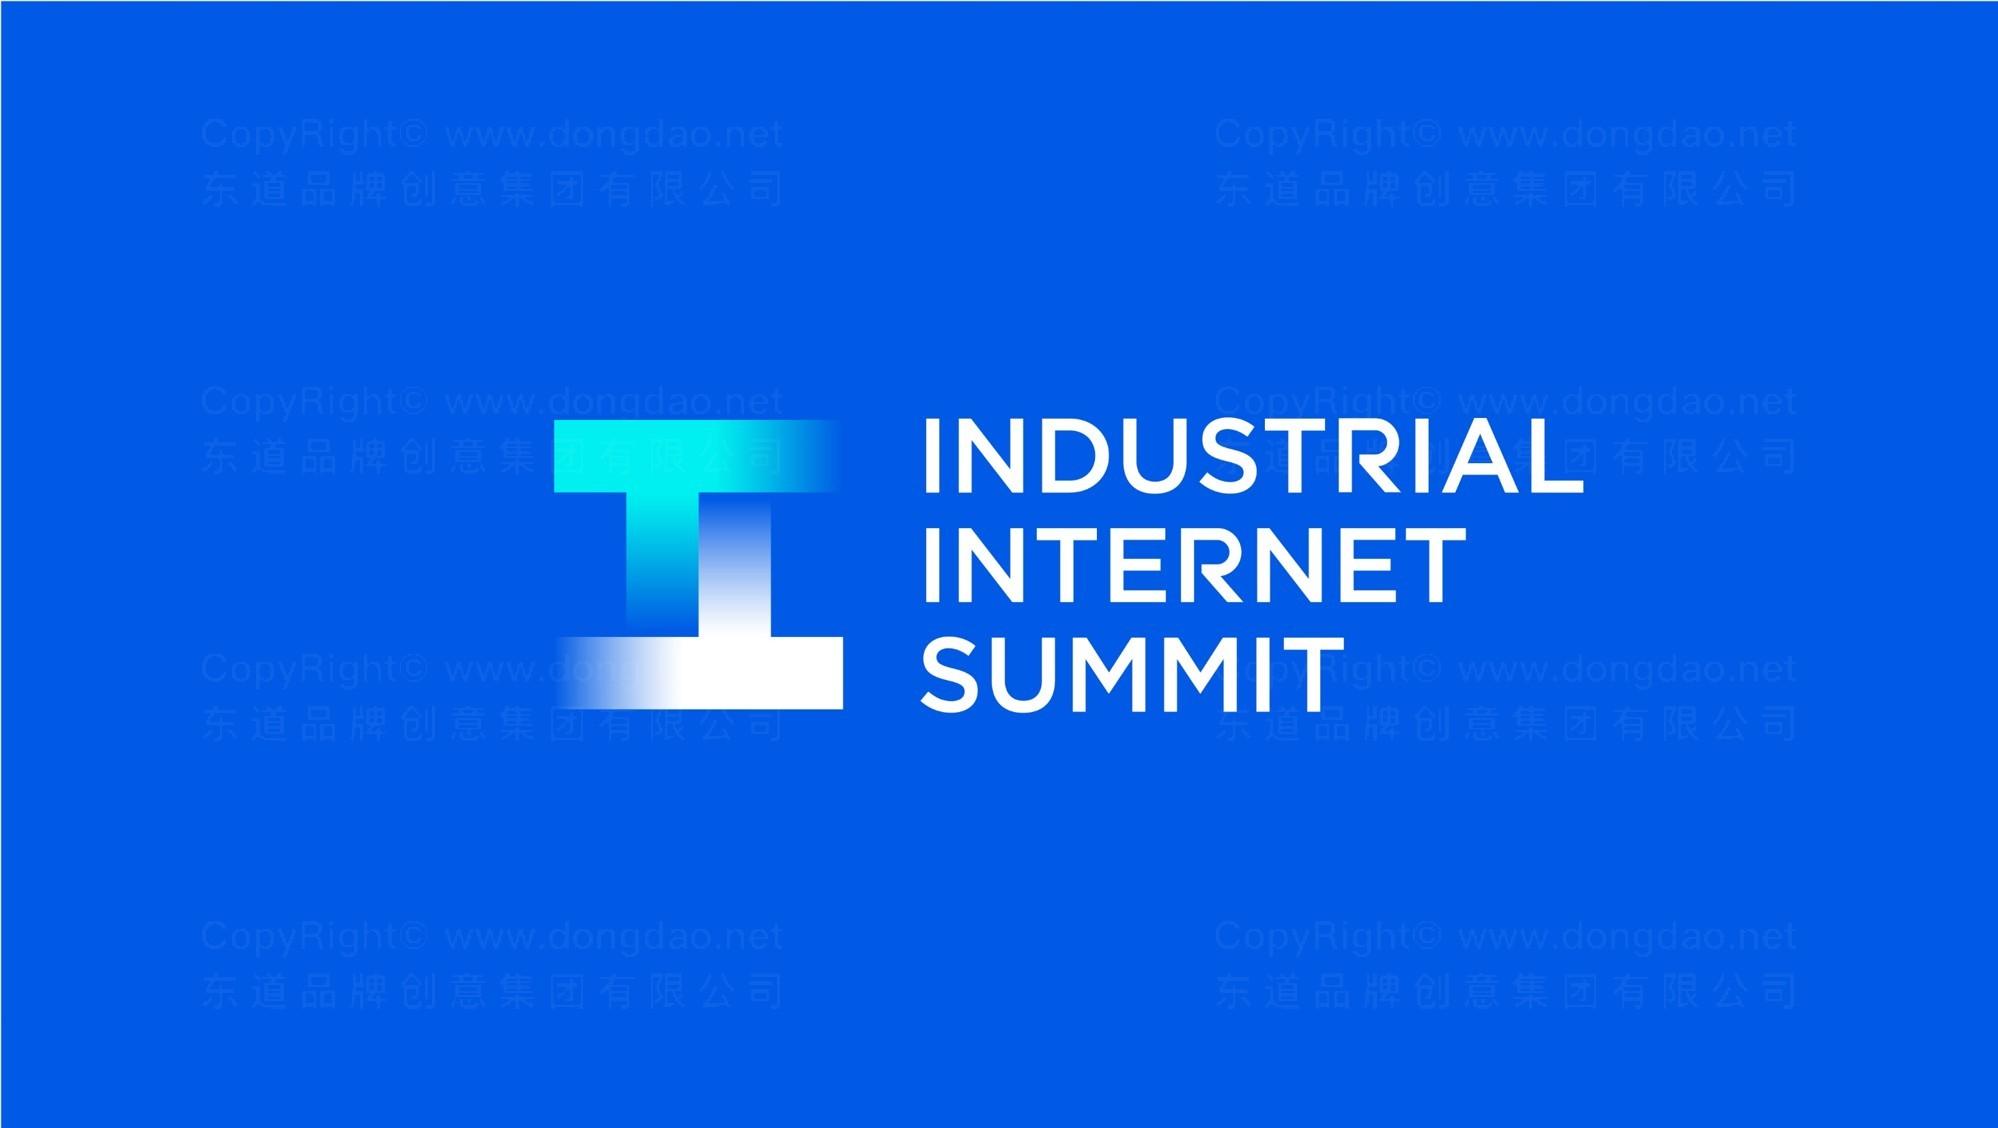 品牌设计案例工业互联网峰会LOGO设计